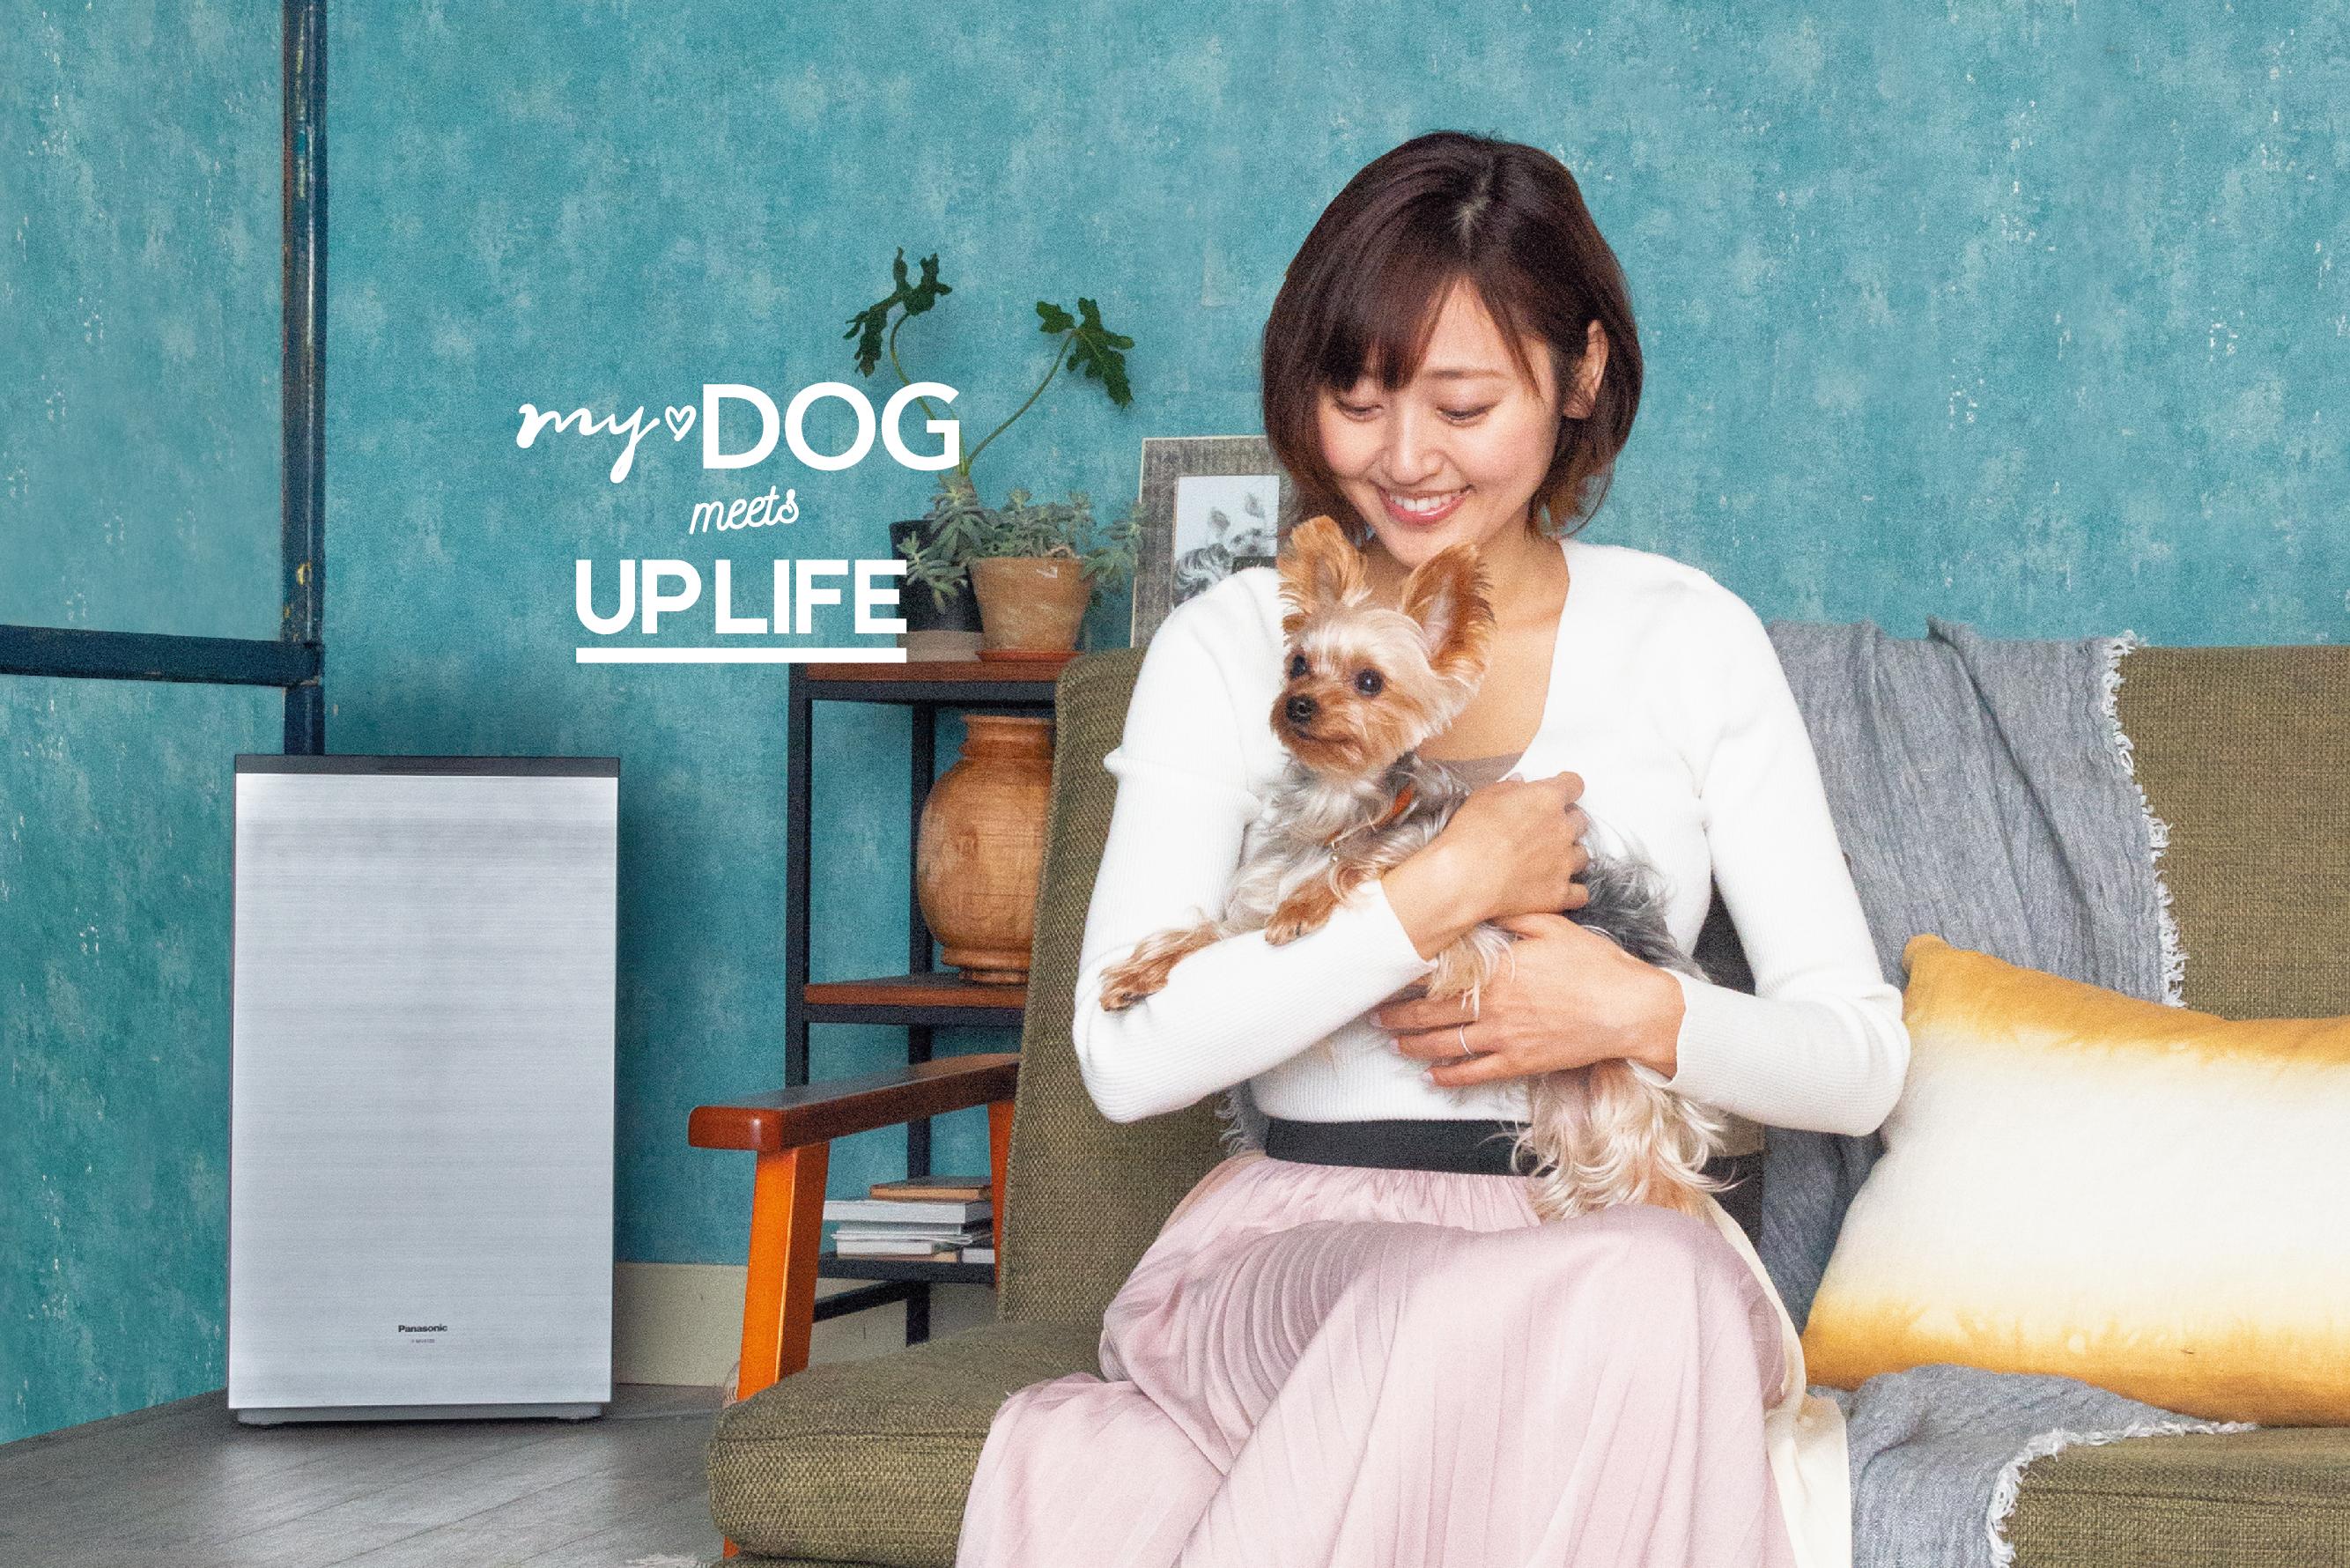 本日発売!「my♡DOG meets UP LIFE」パナソニックとmy♡DOGがコラボレーション!